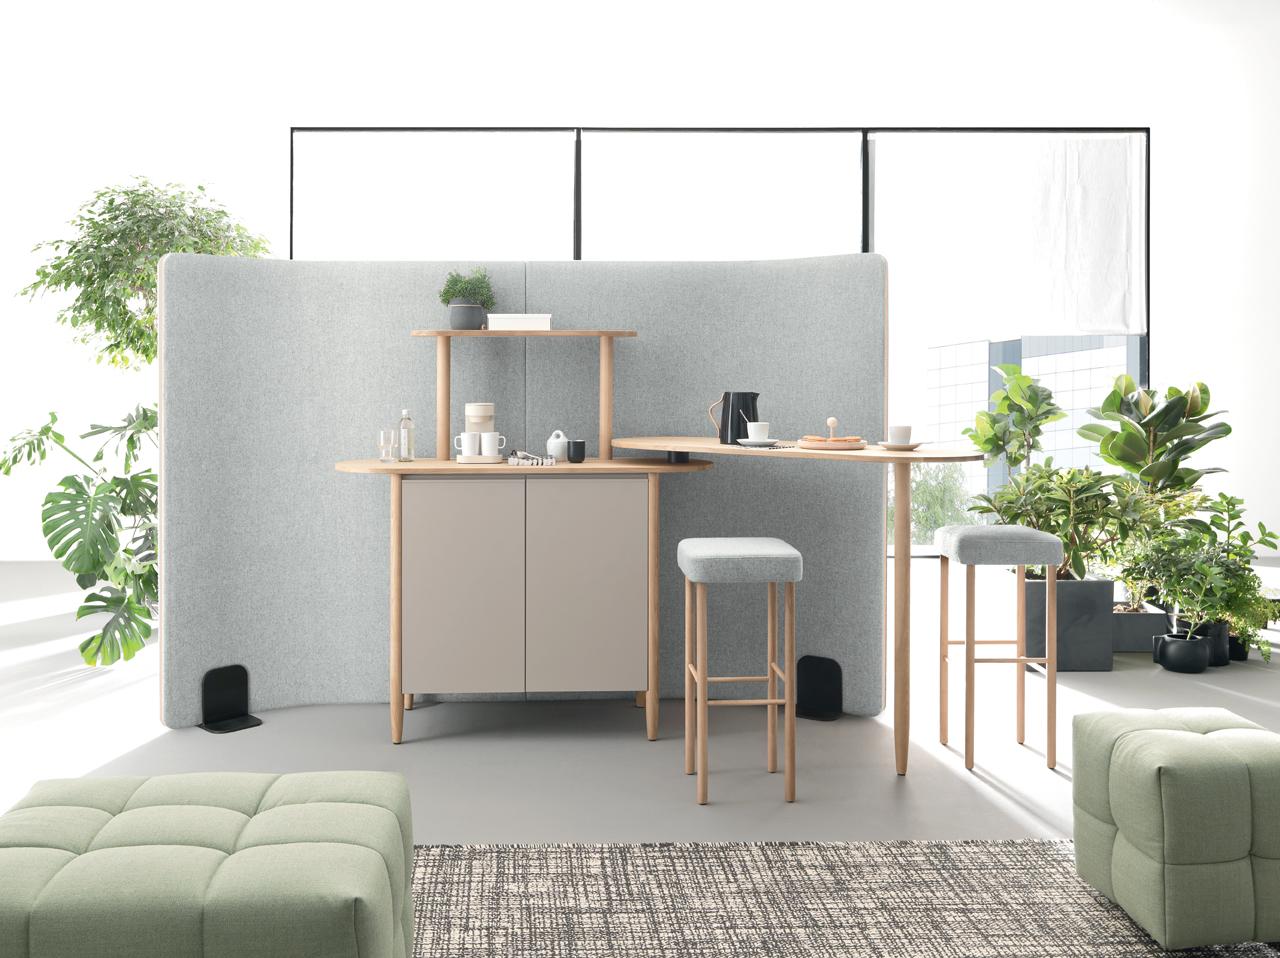 Espace café design en coworking